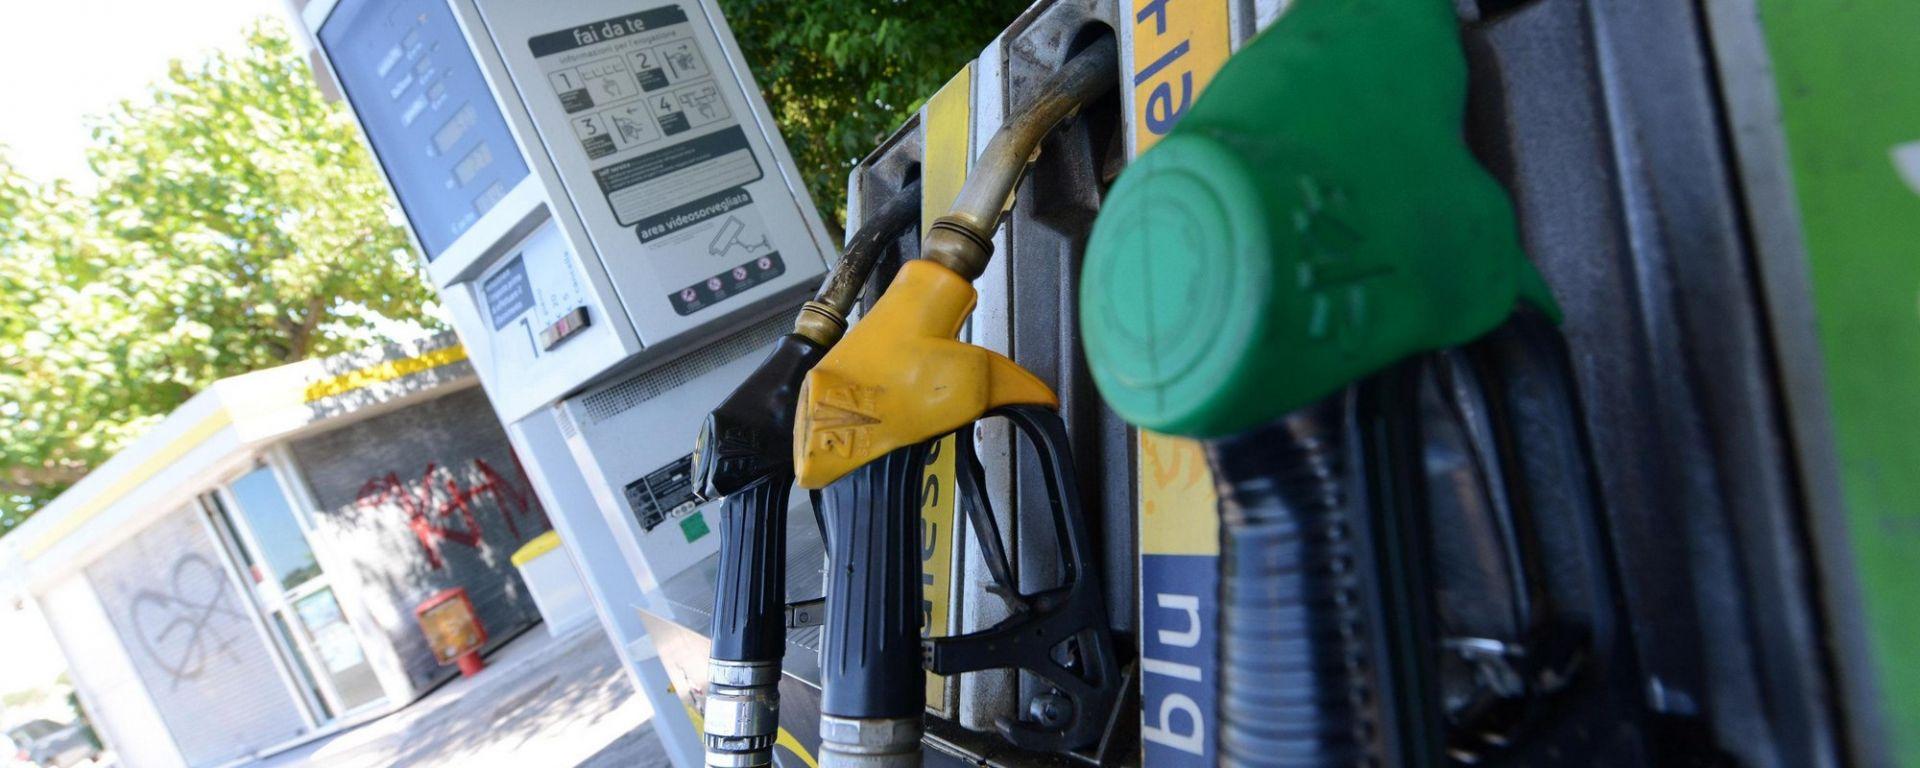 Distributori di benzina, scoperte irregolarità a raffica